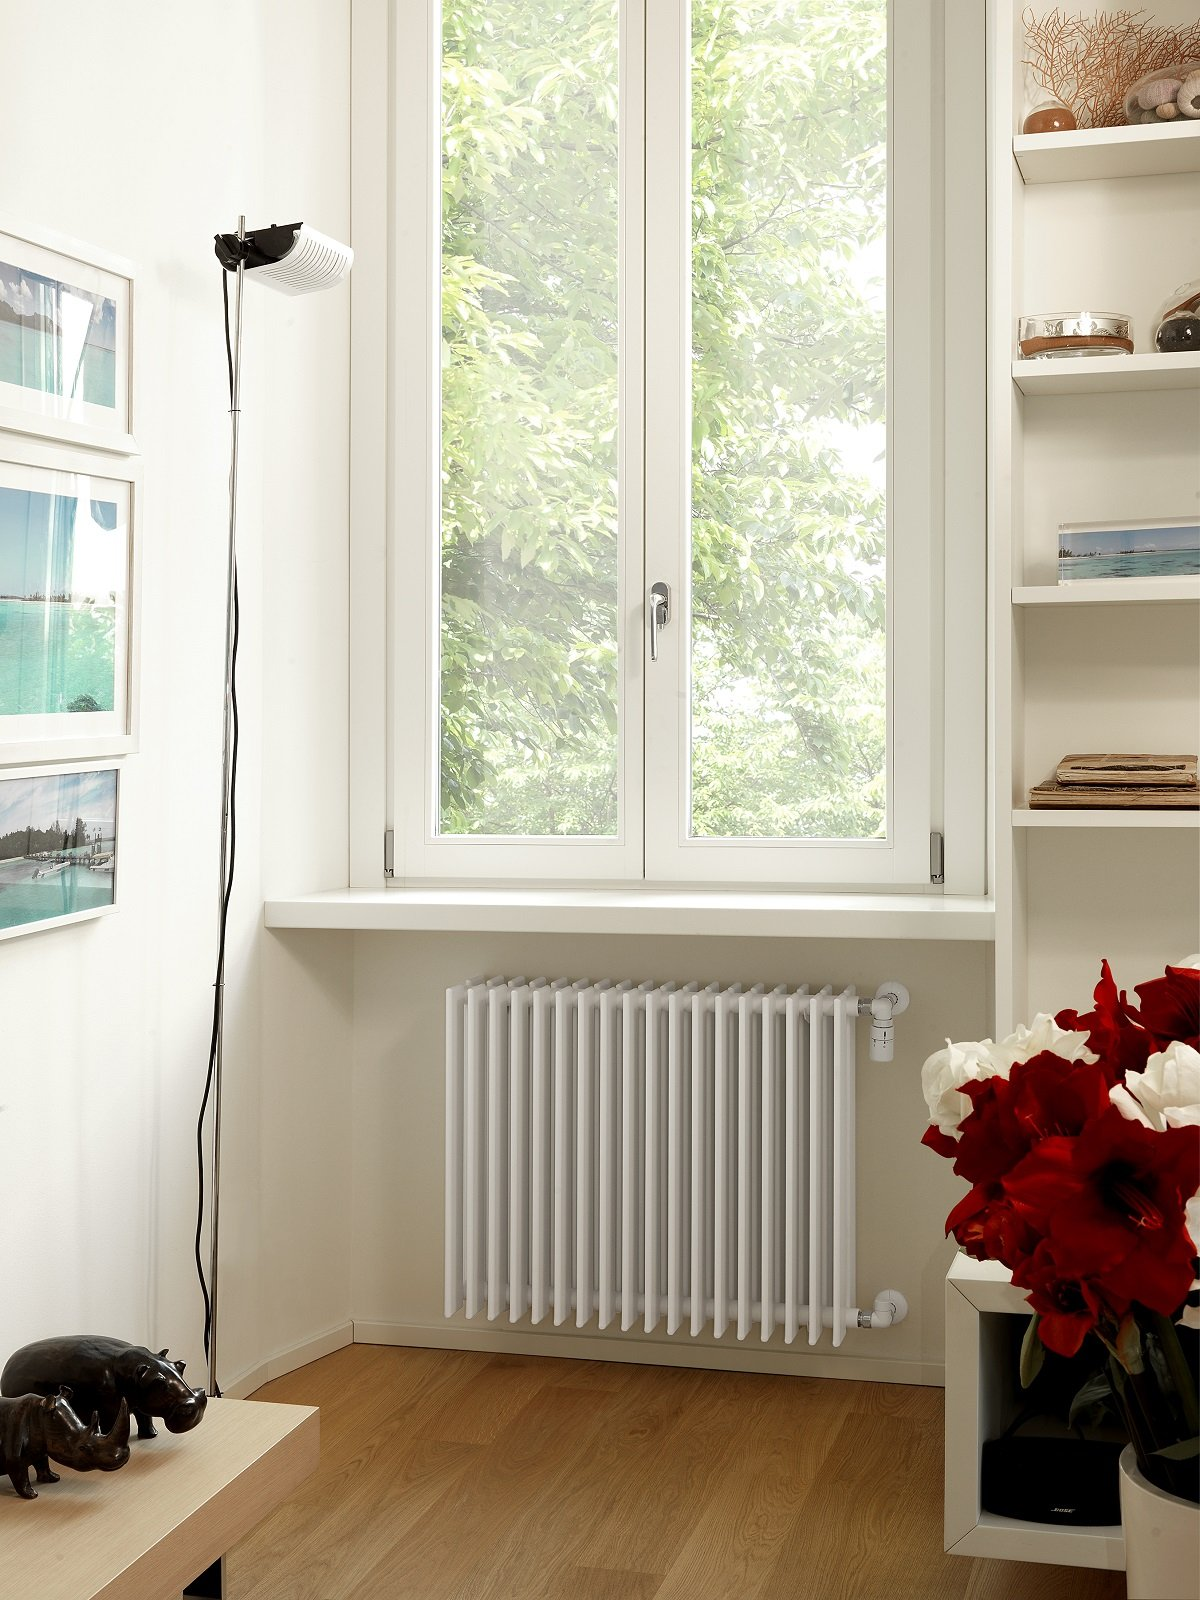 Radiatori In Alluminio O Acciaio i nuovi modelli sostituiscono i vecchi radiatori sottofinestra